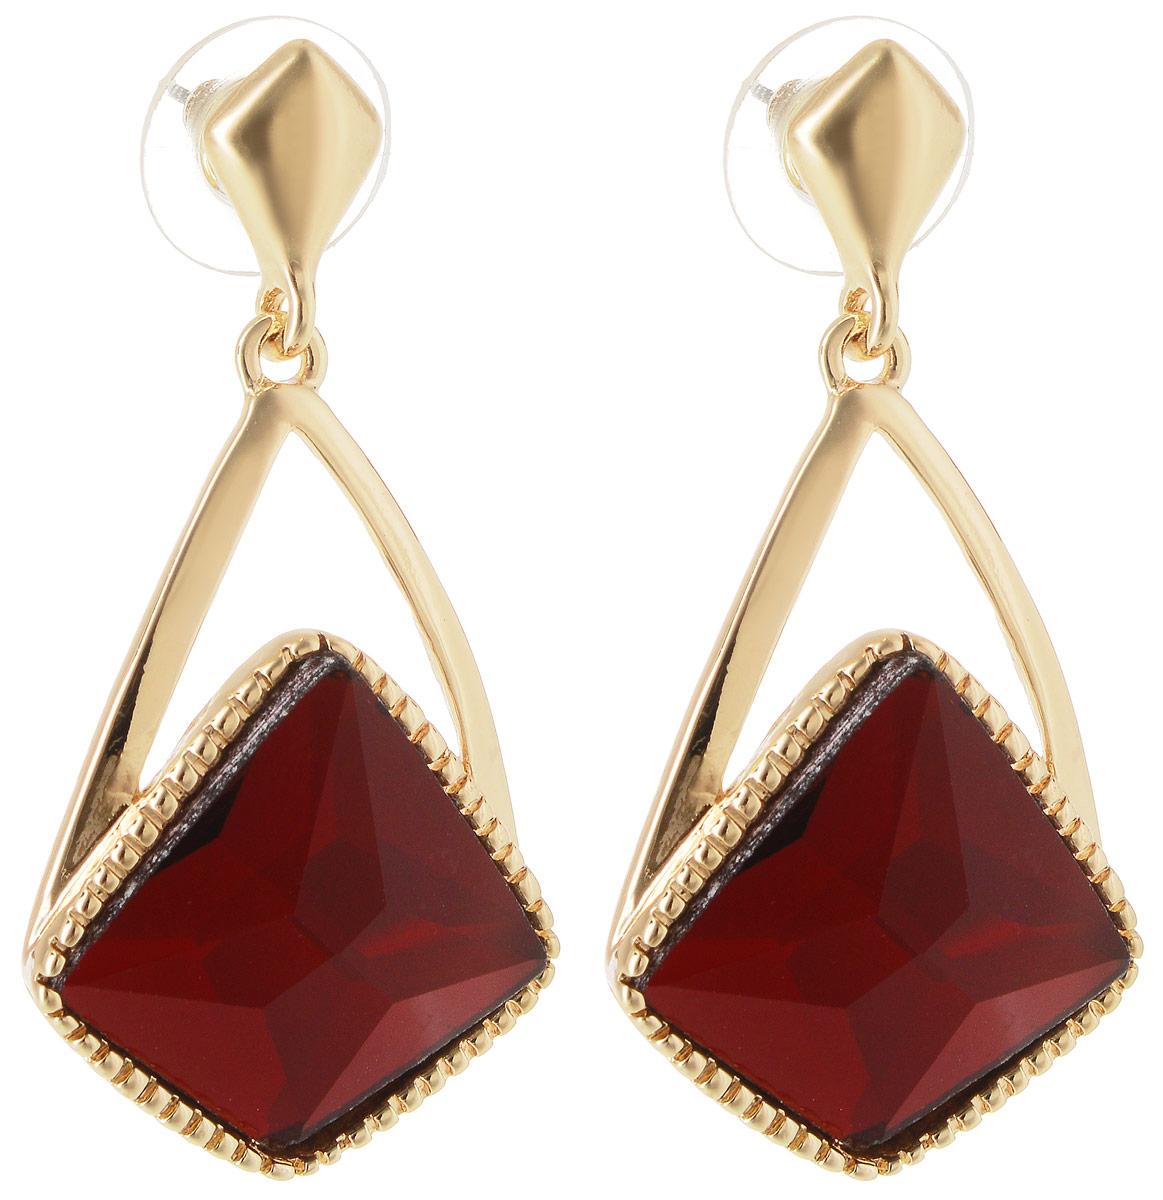 Серьги Taya, цвет: золотистый, красный. T-B-10737Пуссеты (гвоздики)Серьги-гвоздики Taya имеют удобную заглушку из металла-пластика. Изящные серьги-качели с крупным рубиново-красным кристаллом необычной формы. Так как кристалл не обрамлен, он смотрится очень выигрышно за счет искусной огранки и полупрозрачности камня.